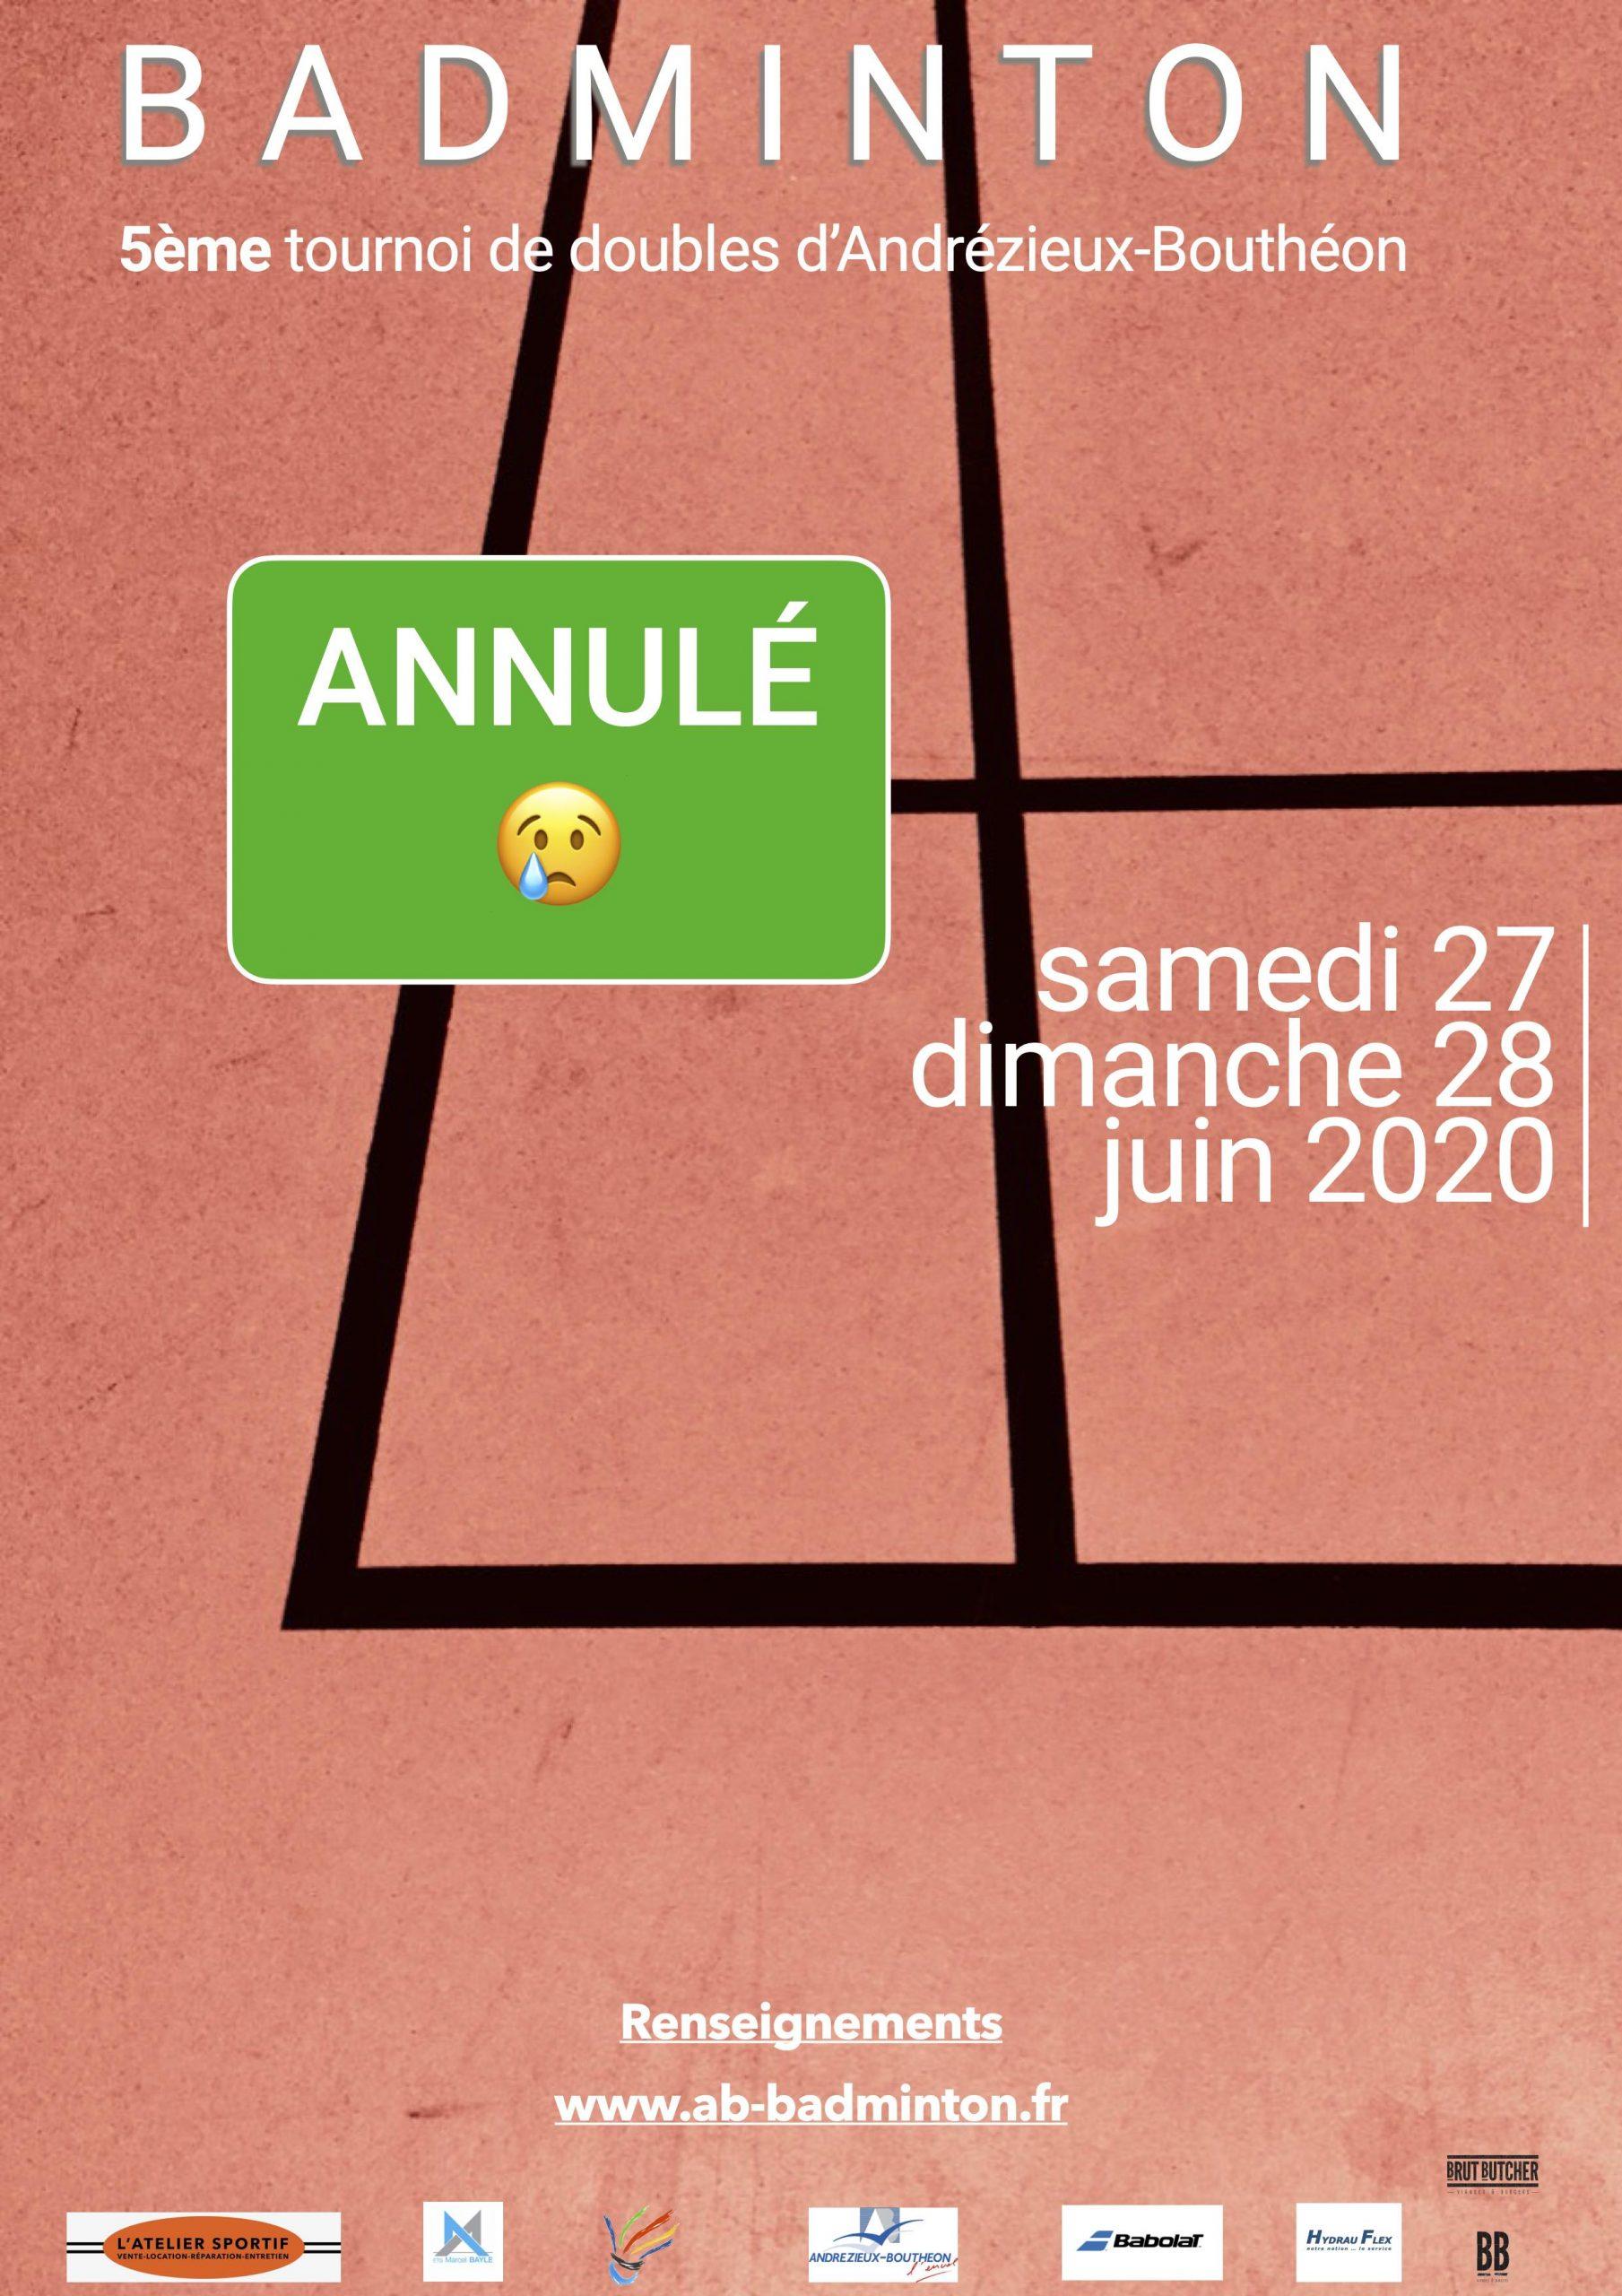 5ème tournoi de doubles Andrézieux-Bouthéon